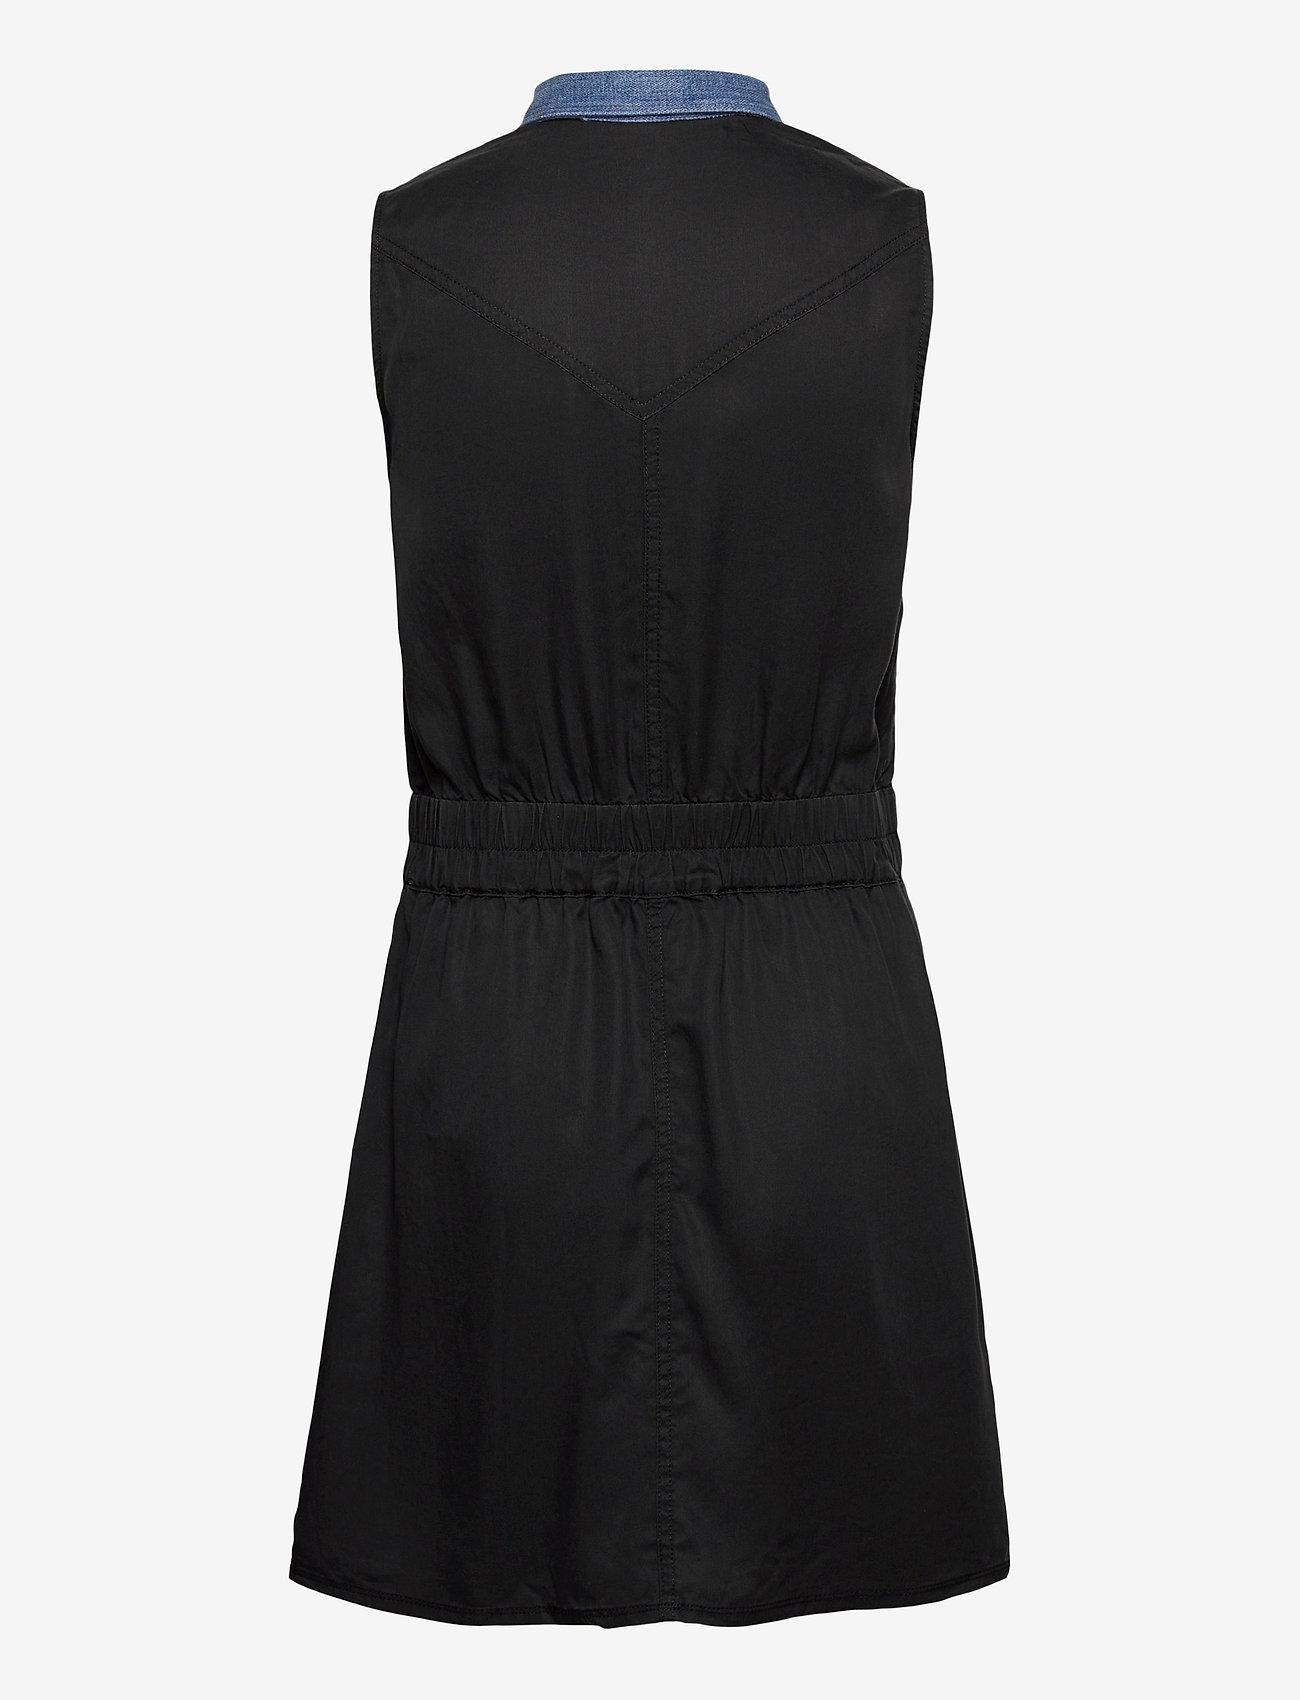 Desigual - VEST SIDNEY - kläder - negro - 1